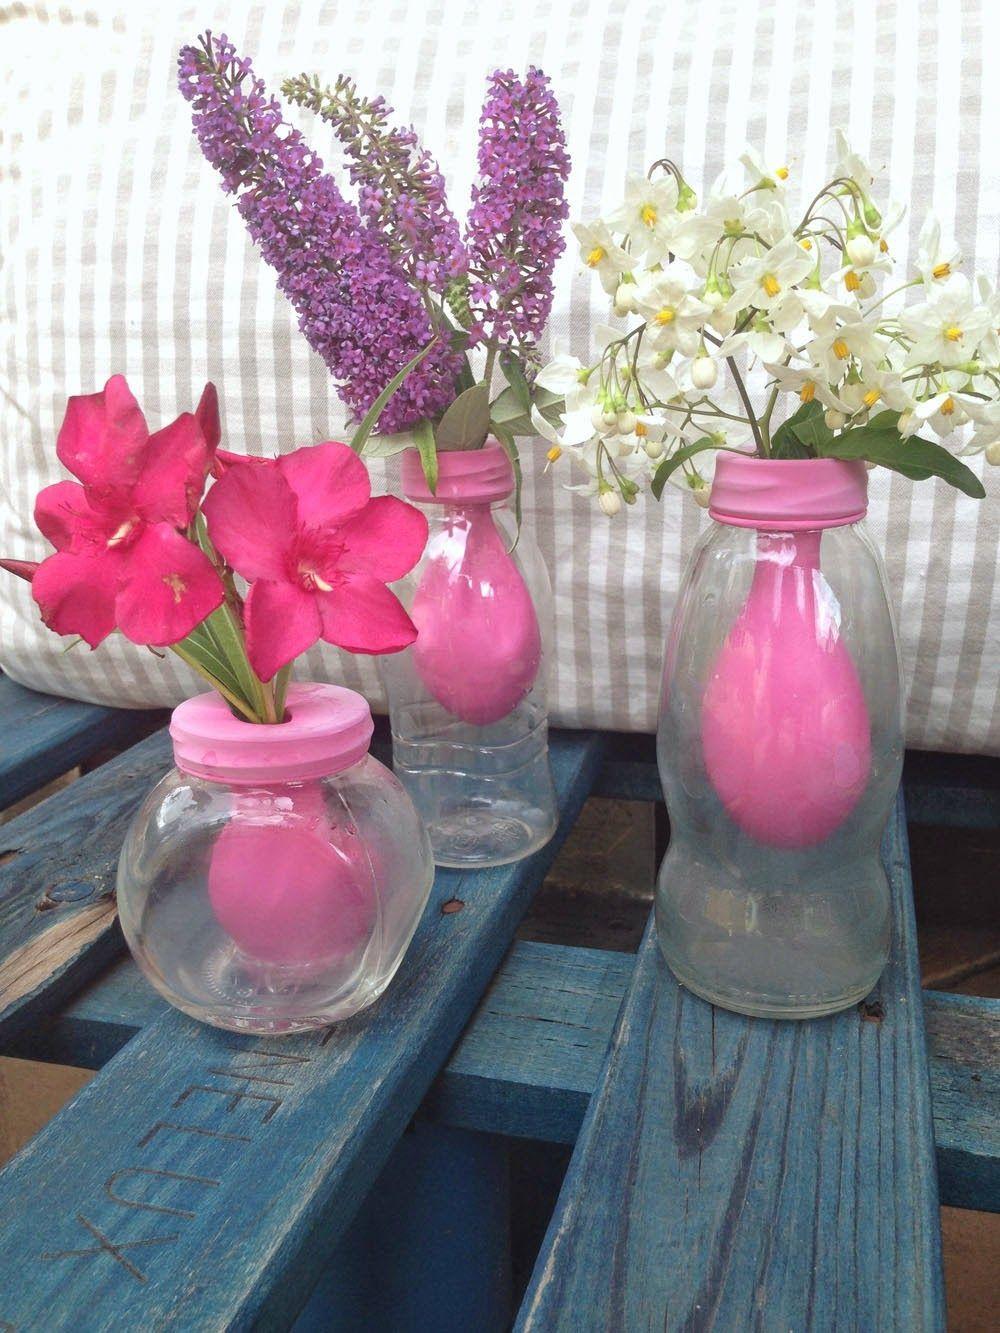 tolle idee kleine vasen mit lufballon innenleben f r zuhause pinterest kleine vasen. Black Bedroom Furniture Sets. Home Design Ideas